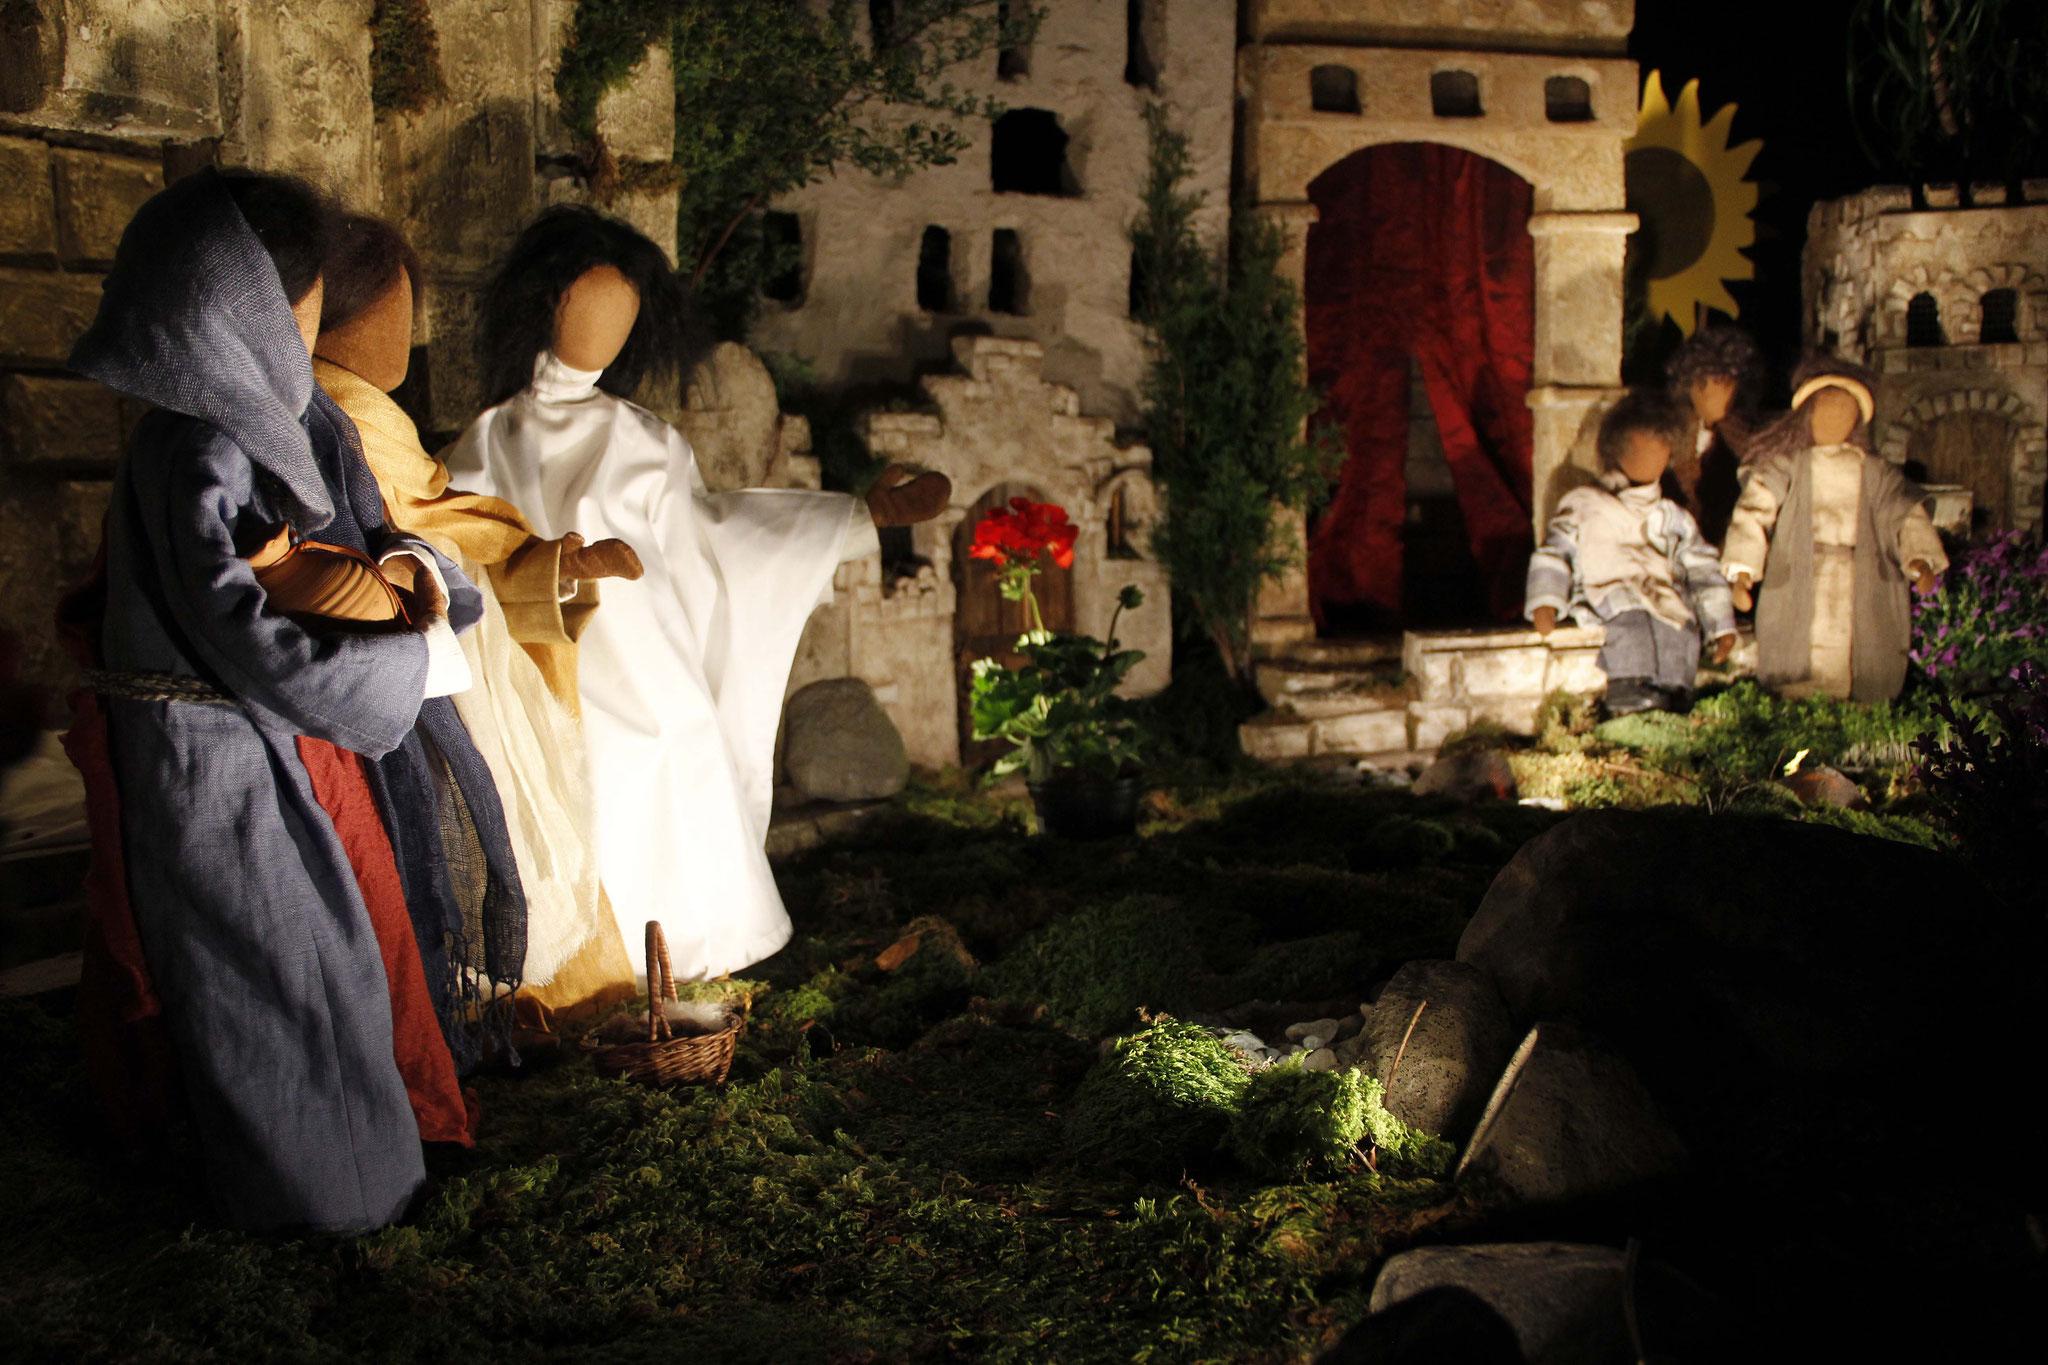 Da sagte Jesus zu ihnen: Fürchtet euch nicht! Geht und sagt meinen Brüdern und Schwestern, sie sollen nach Galiläa gehen, und dort werden sie mich sehen.